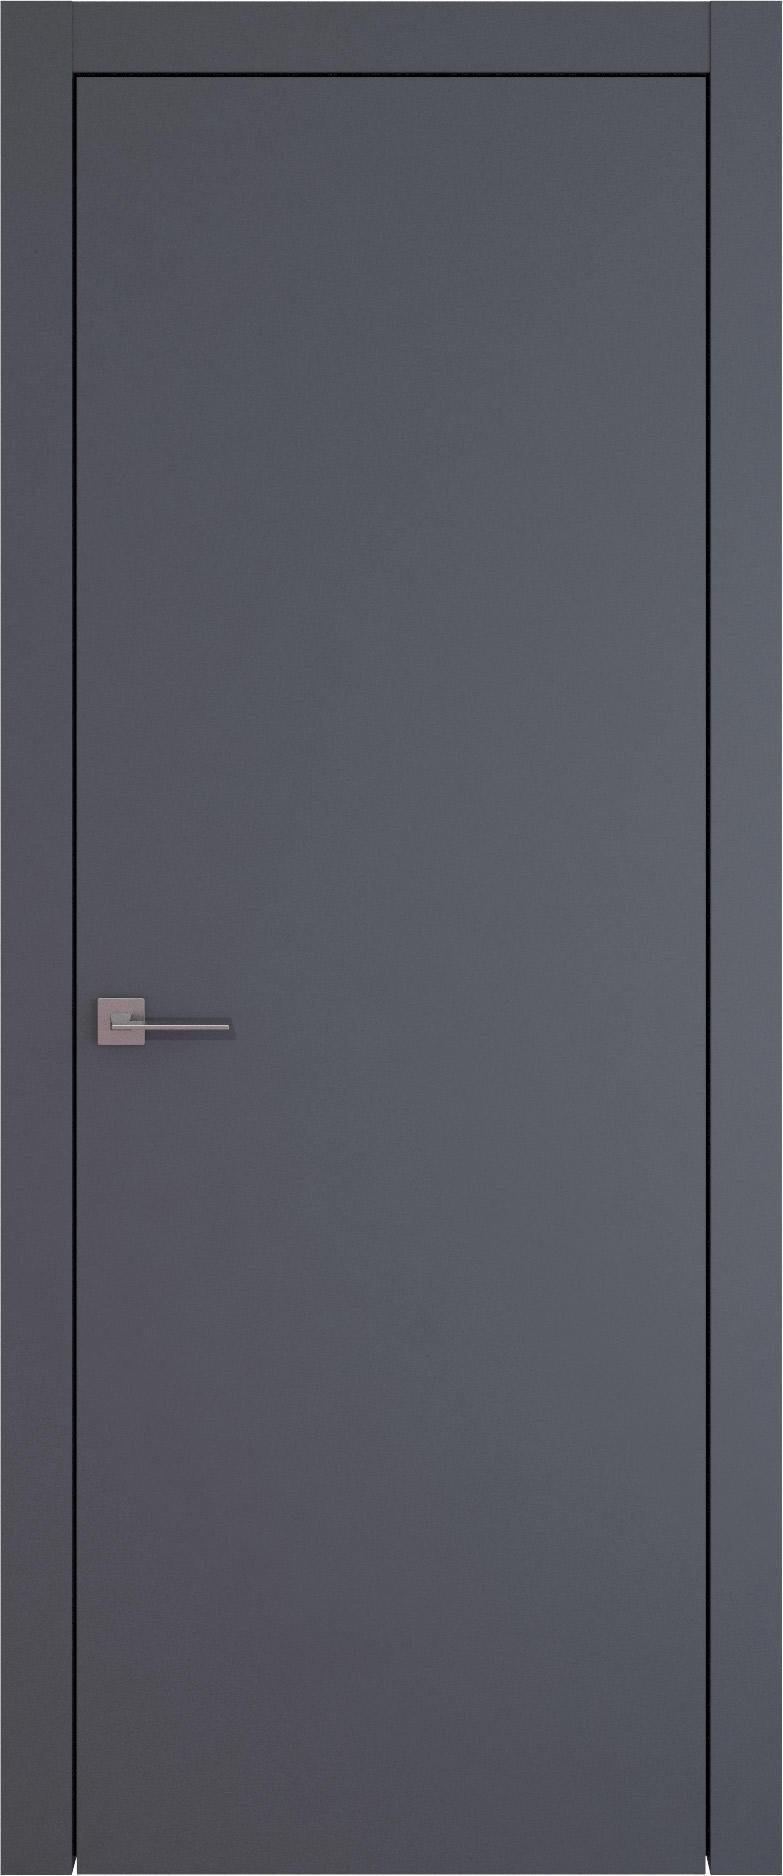 Tivoli А-1 цвет - Графитово-серая эмаль (RAL 7024) Без стекла (ДГ)